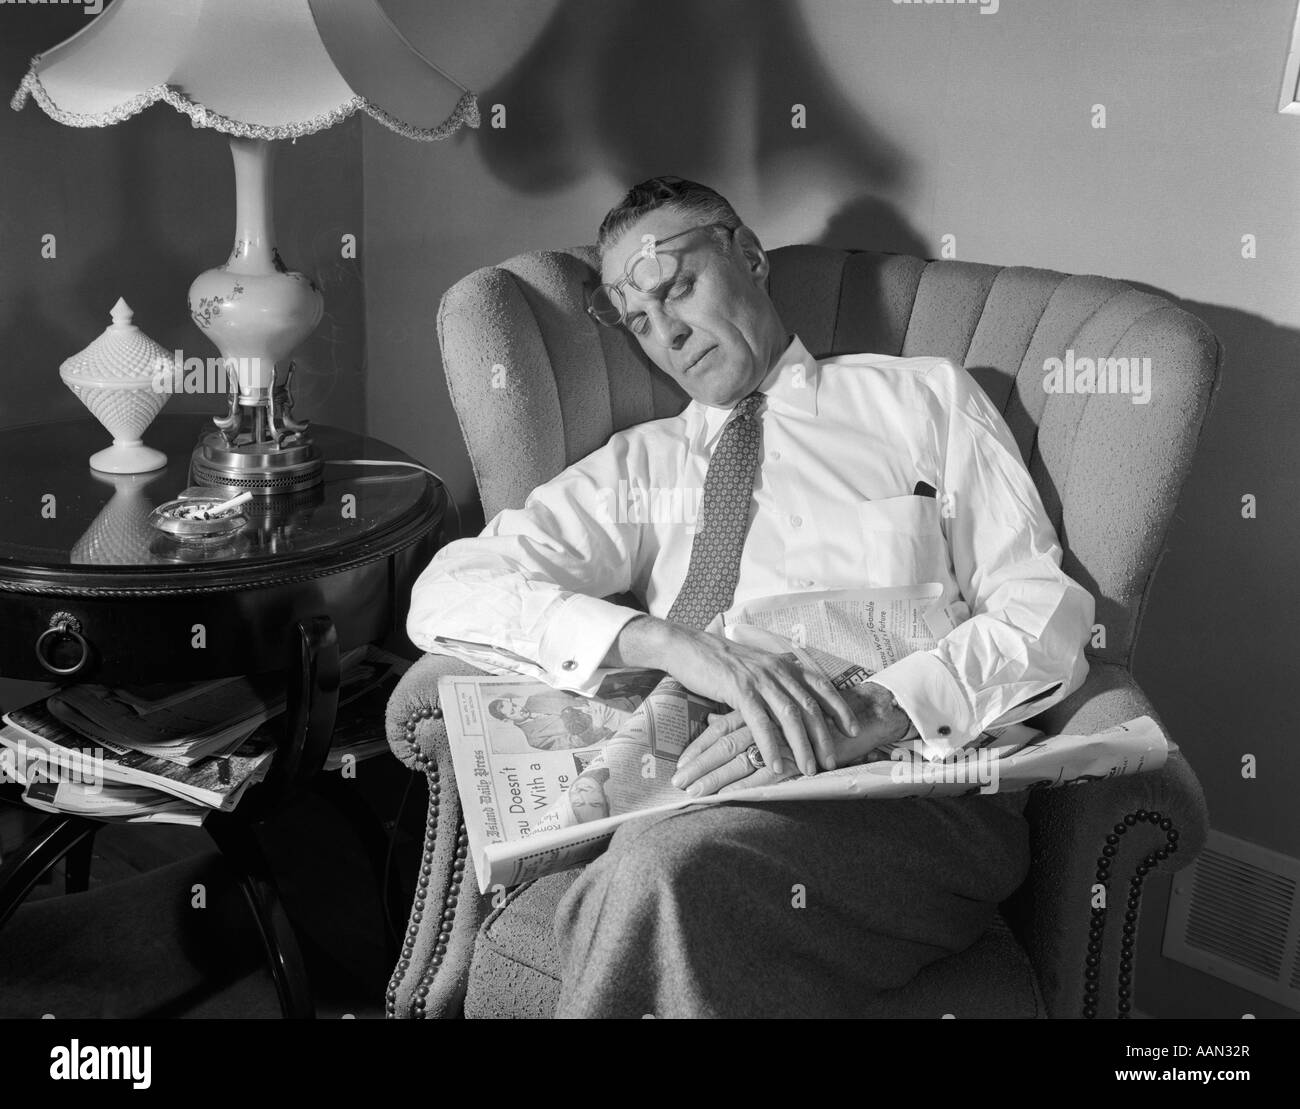 1950s uomo di mezza età addormentato in sedia quotidiano di lettura OCCHIALI spinto sul fronte Immagini Stock